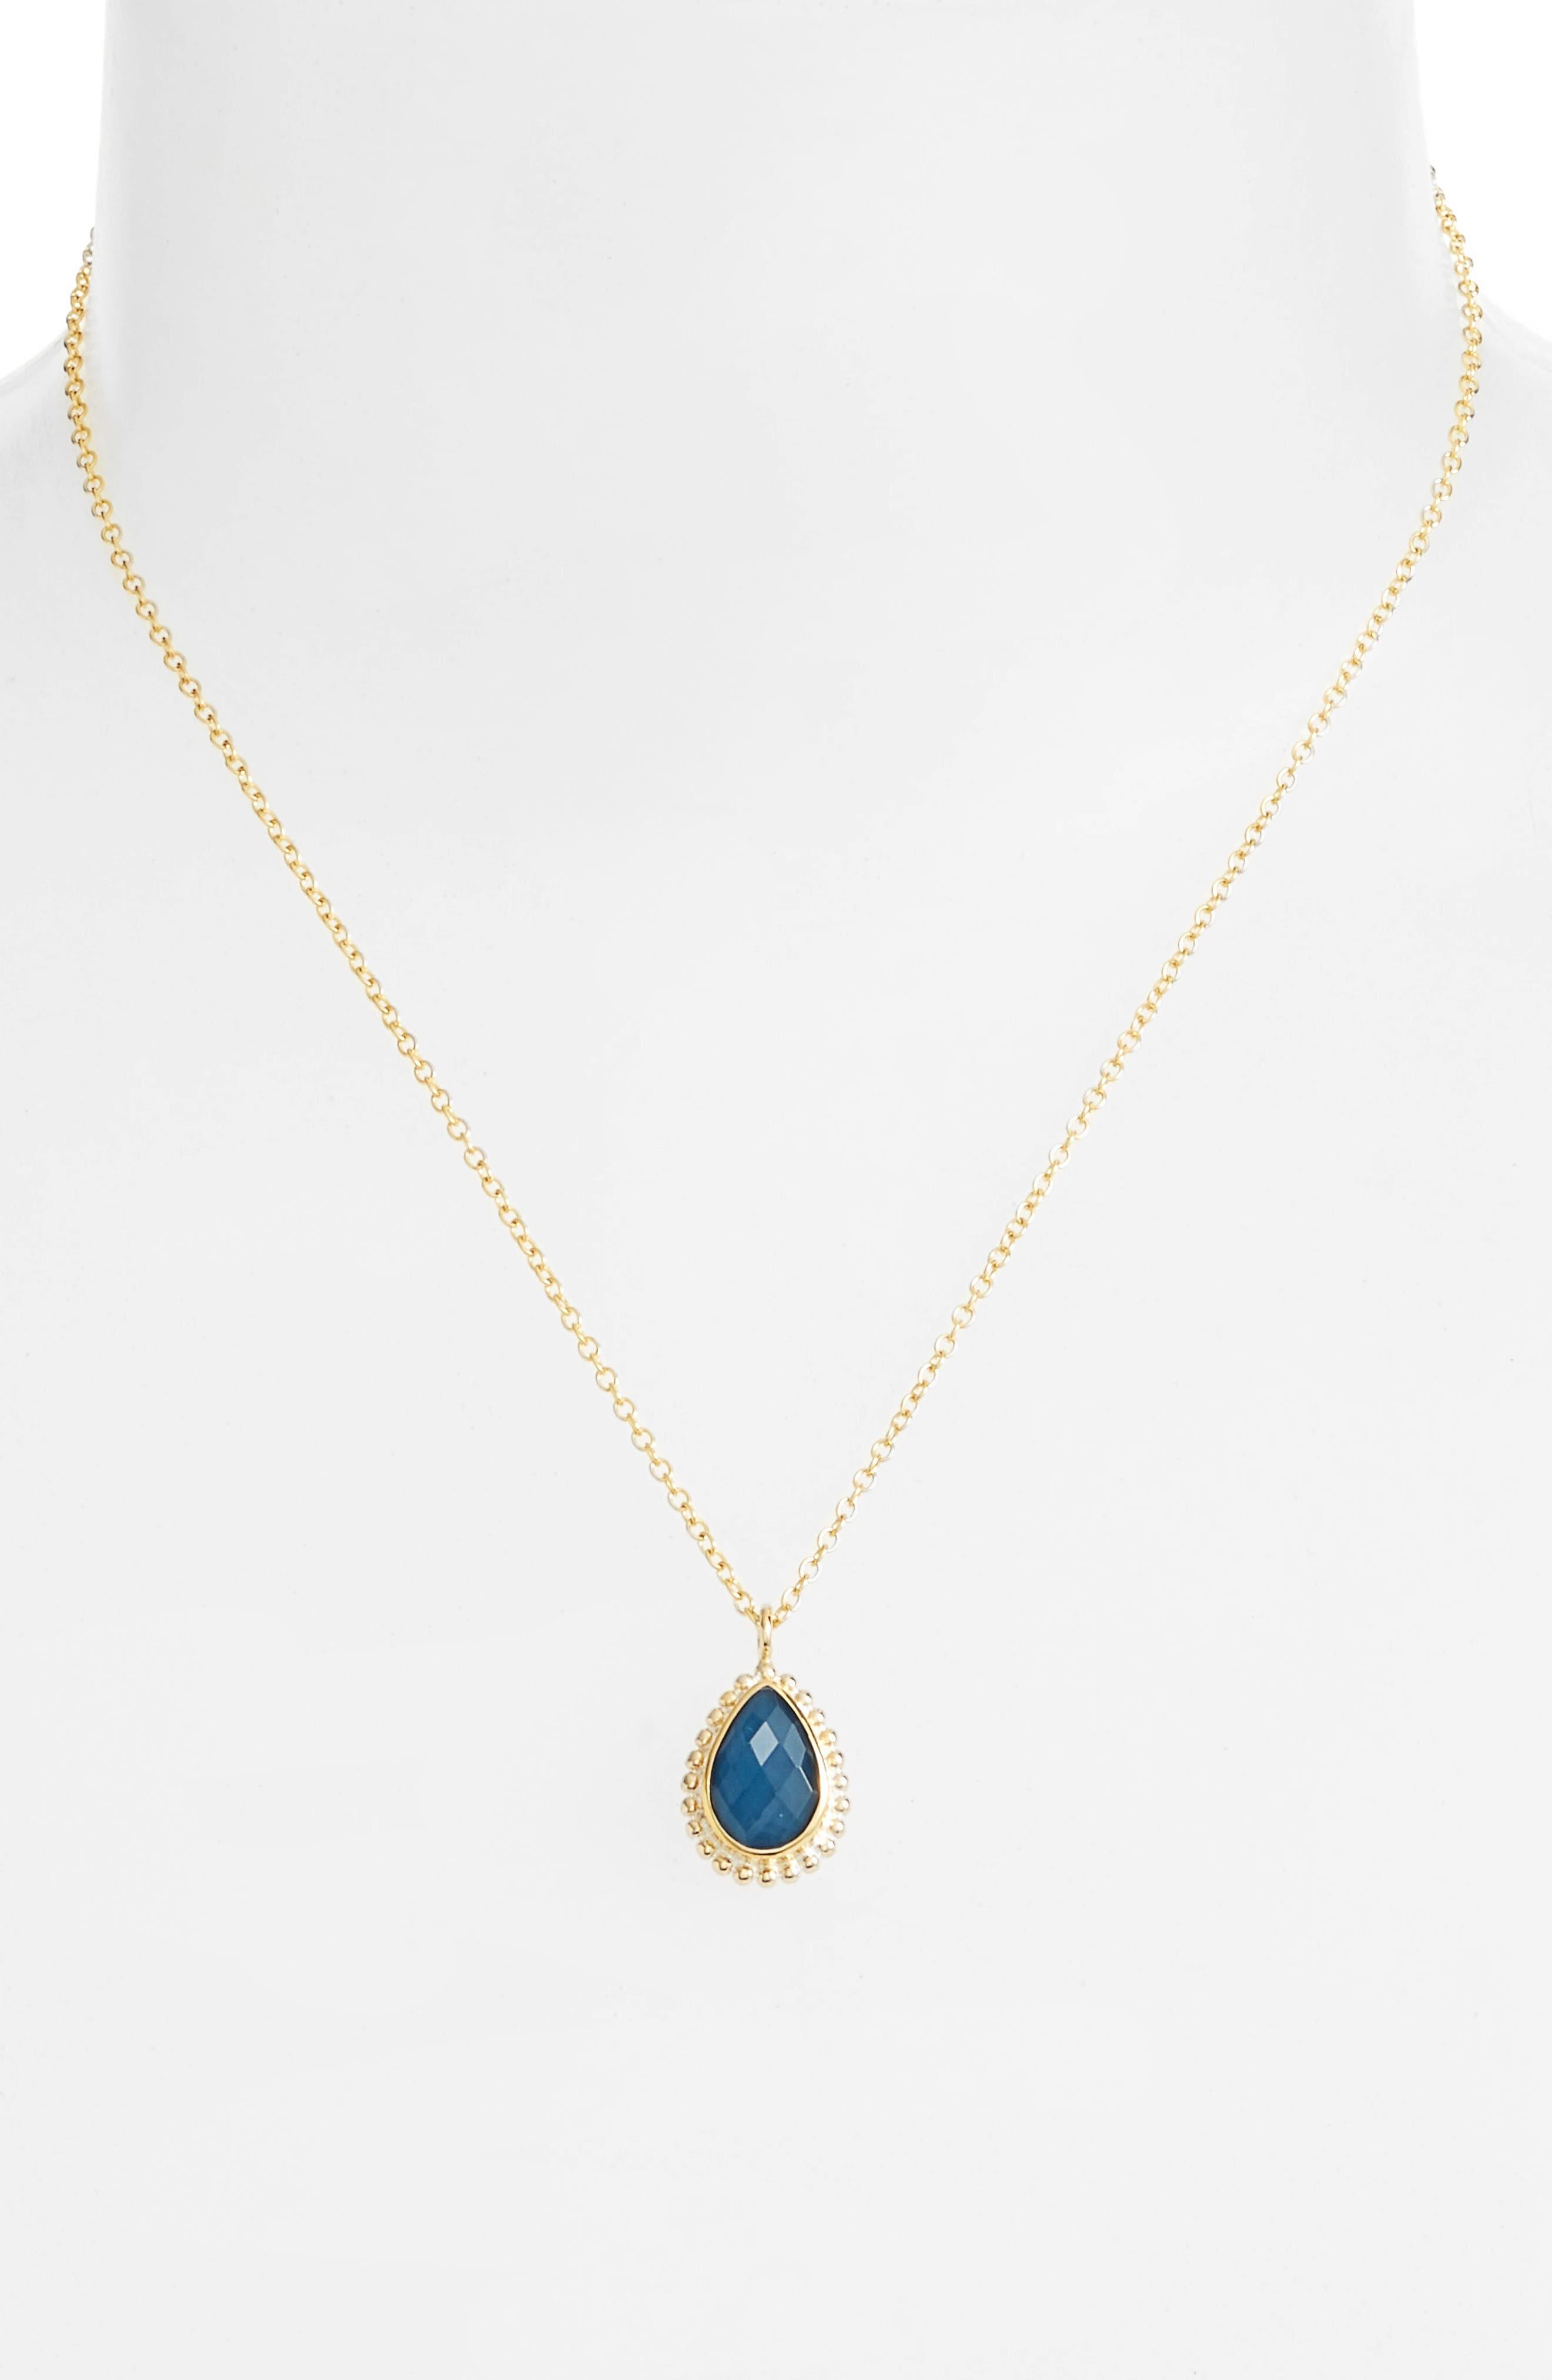 Blue Quartz Teardrop Pendant Necklace,                         Main,                         color, Gold/ Blue Quartz